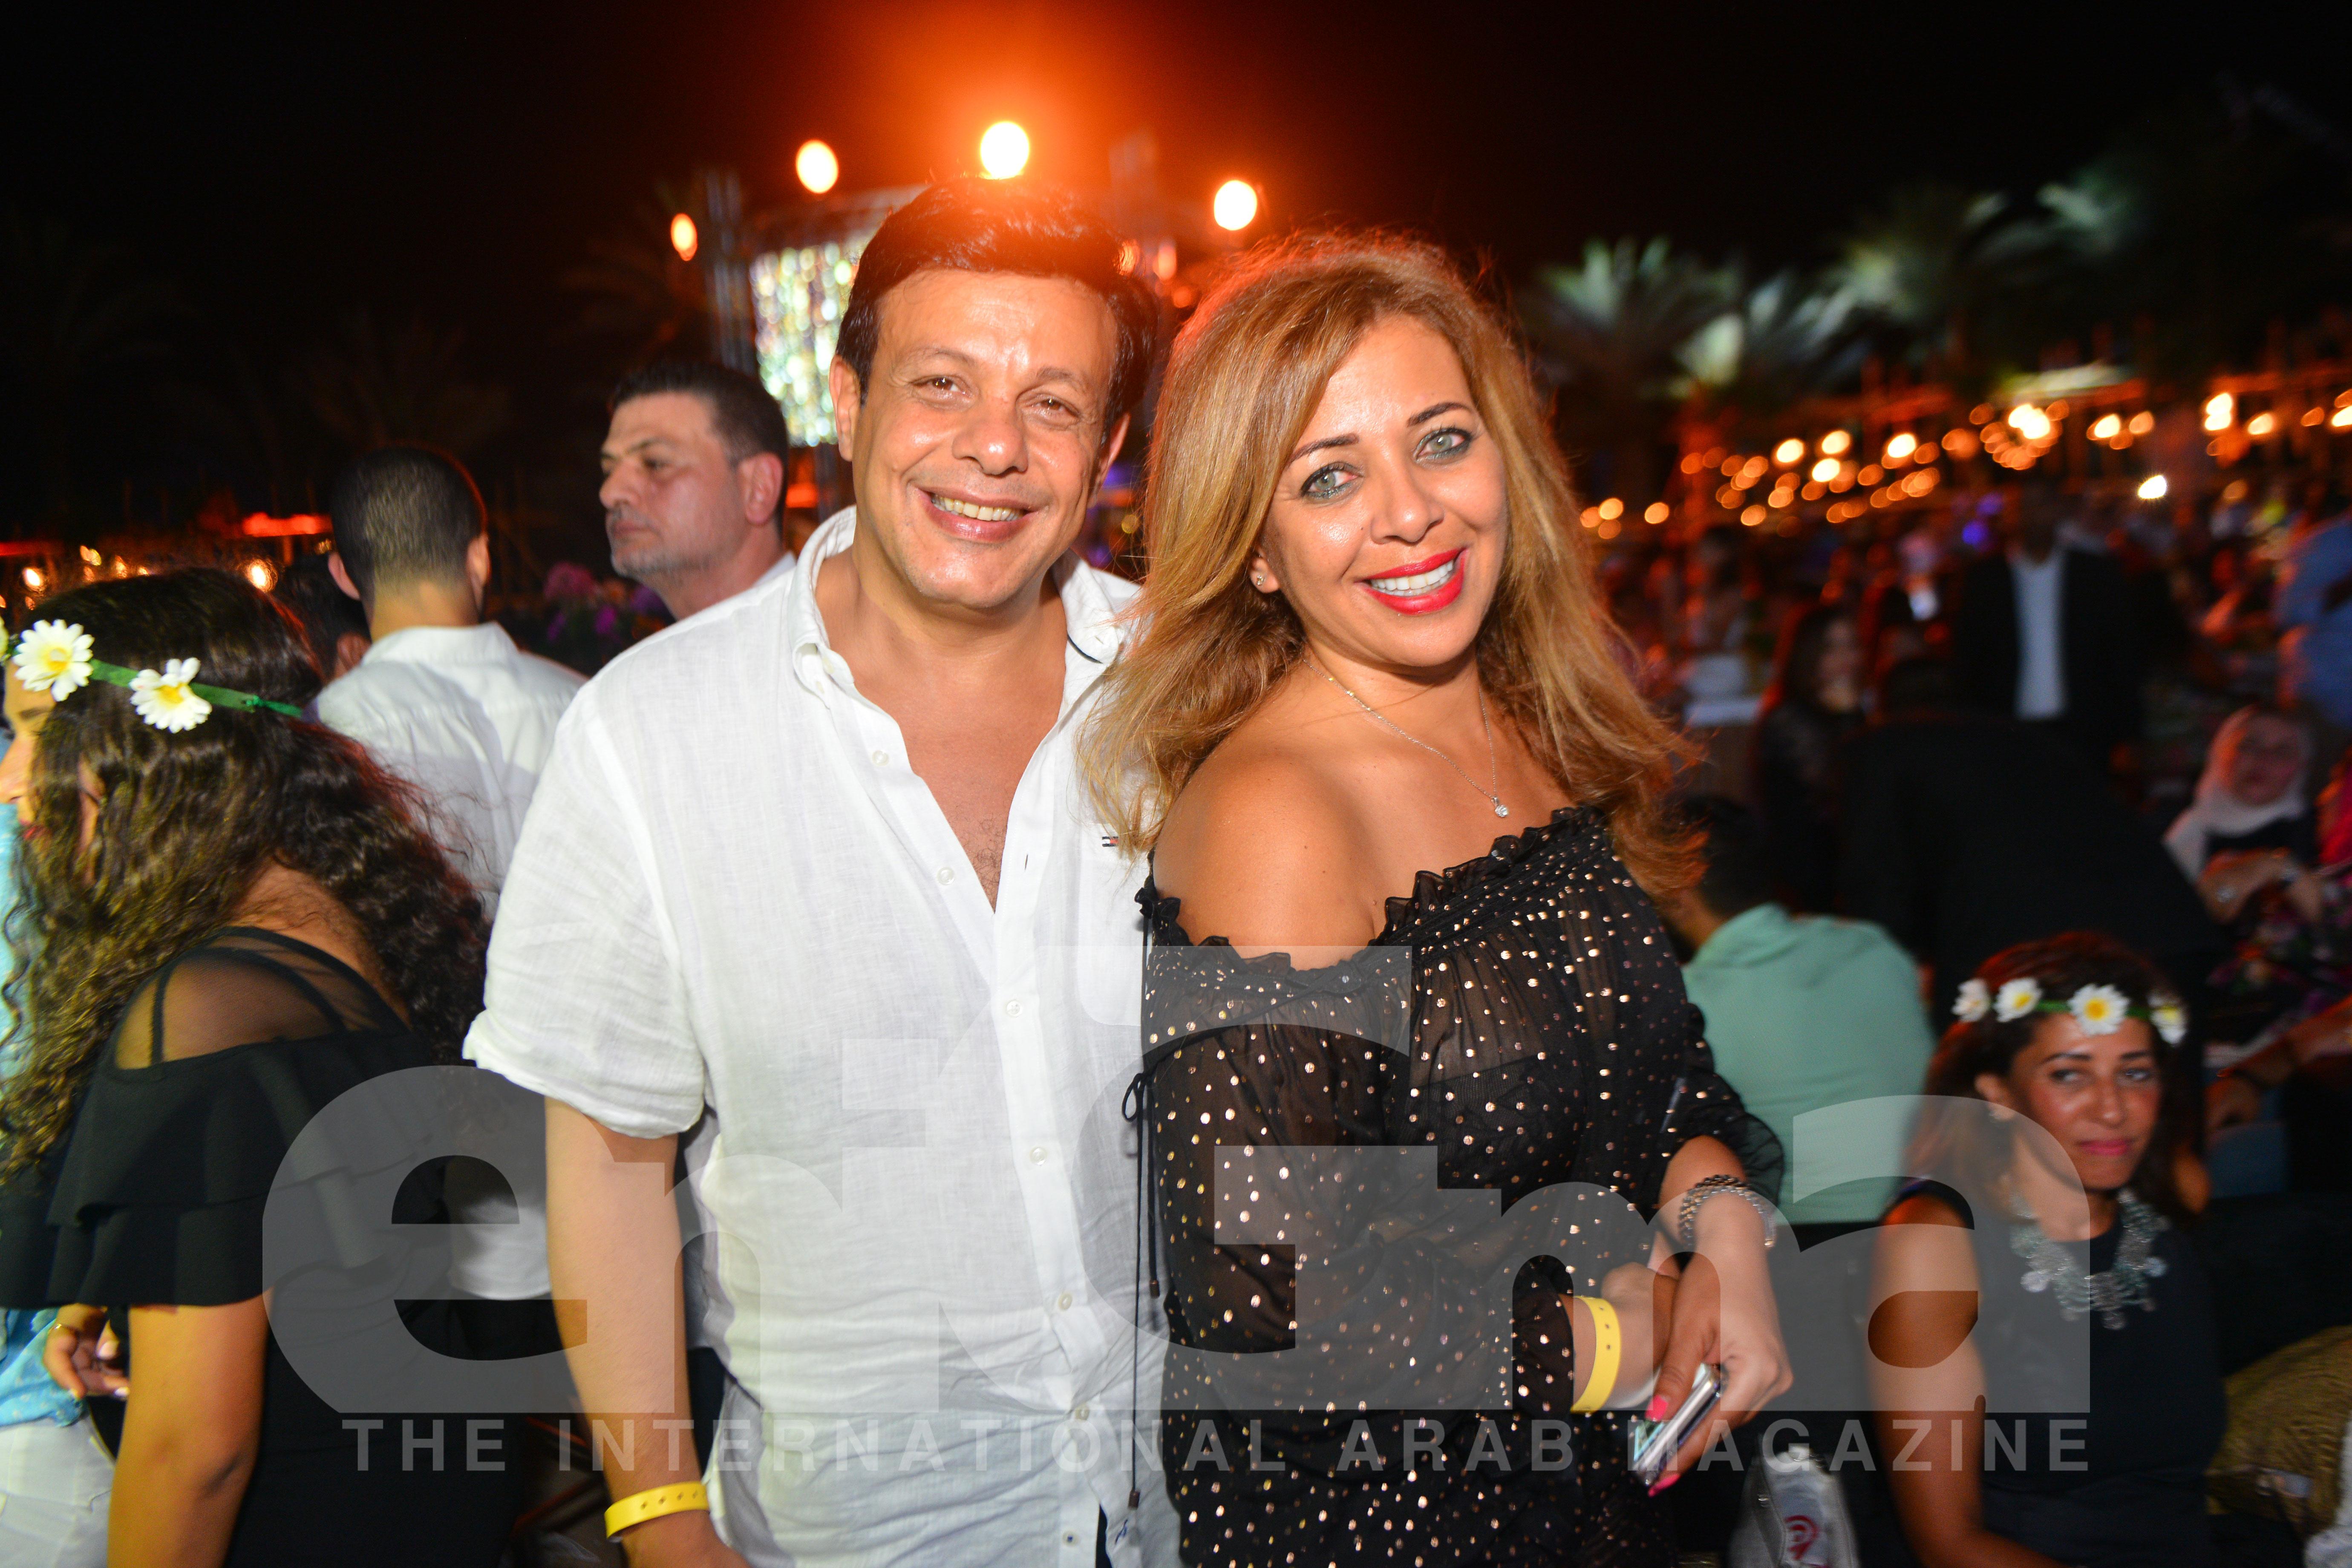 Mr.-Mohamed-Hammouda-&-Ms.-Noha-Hammouda